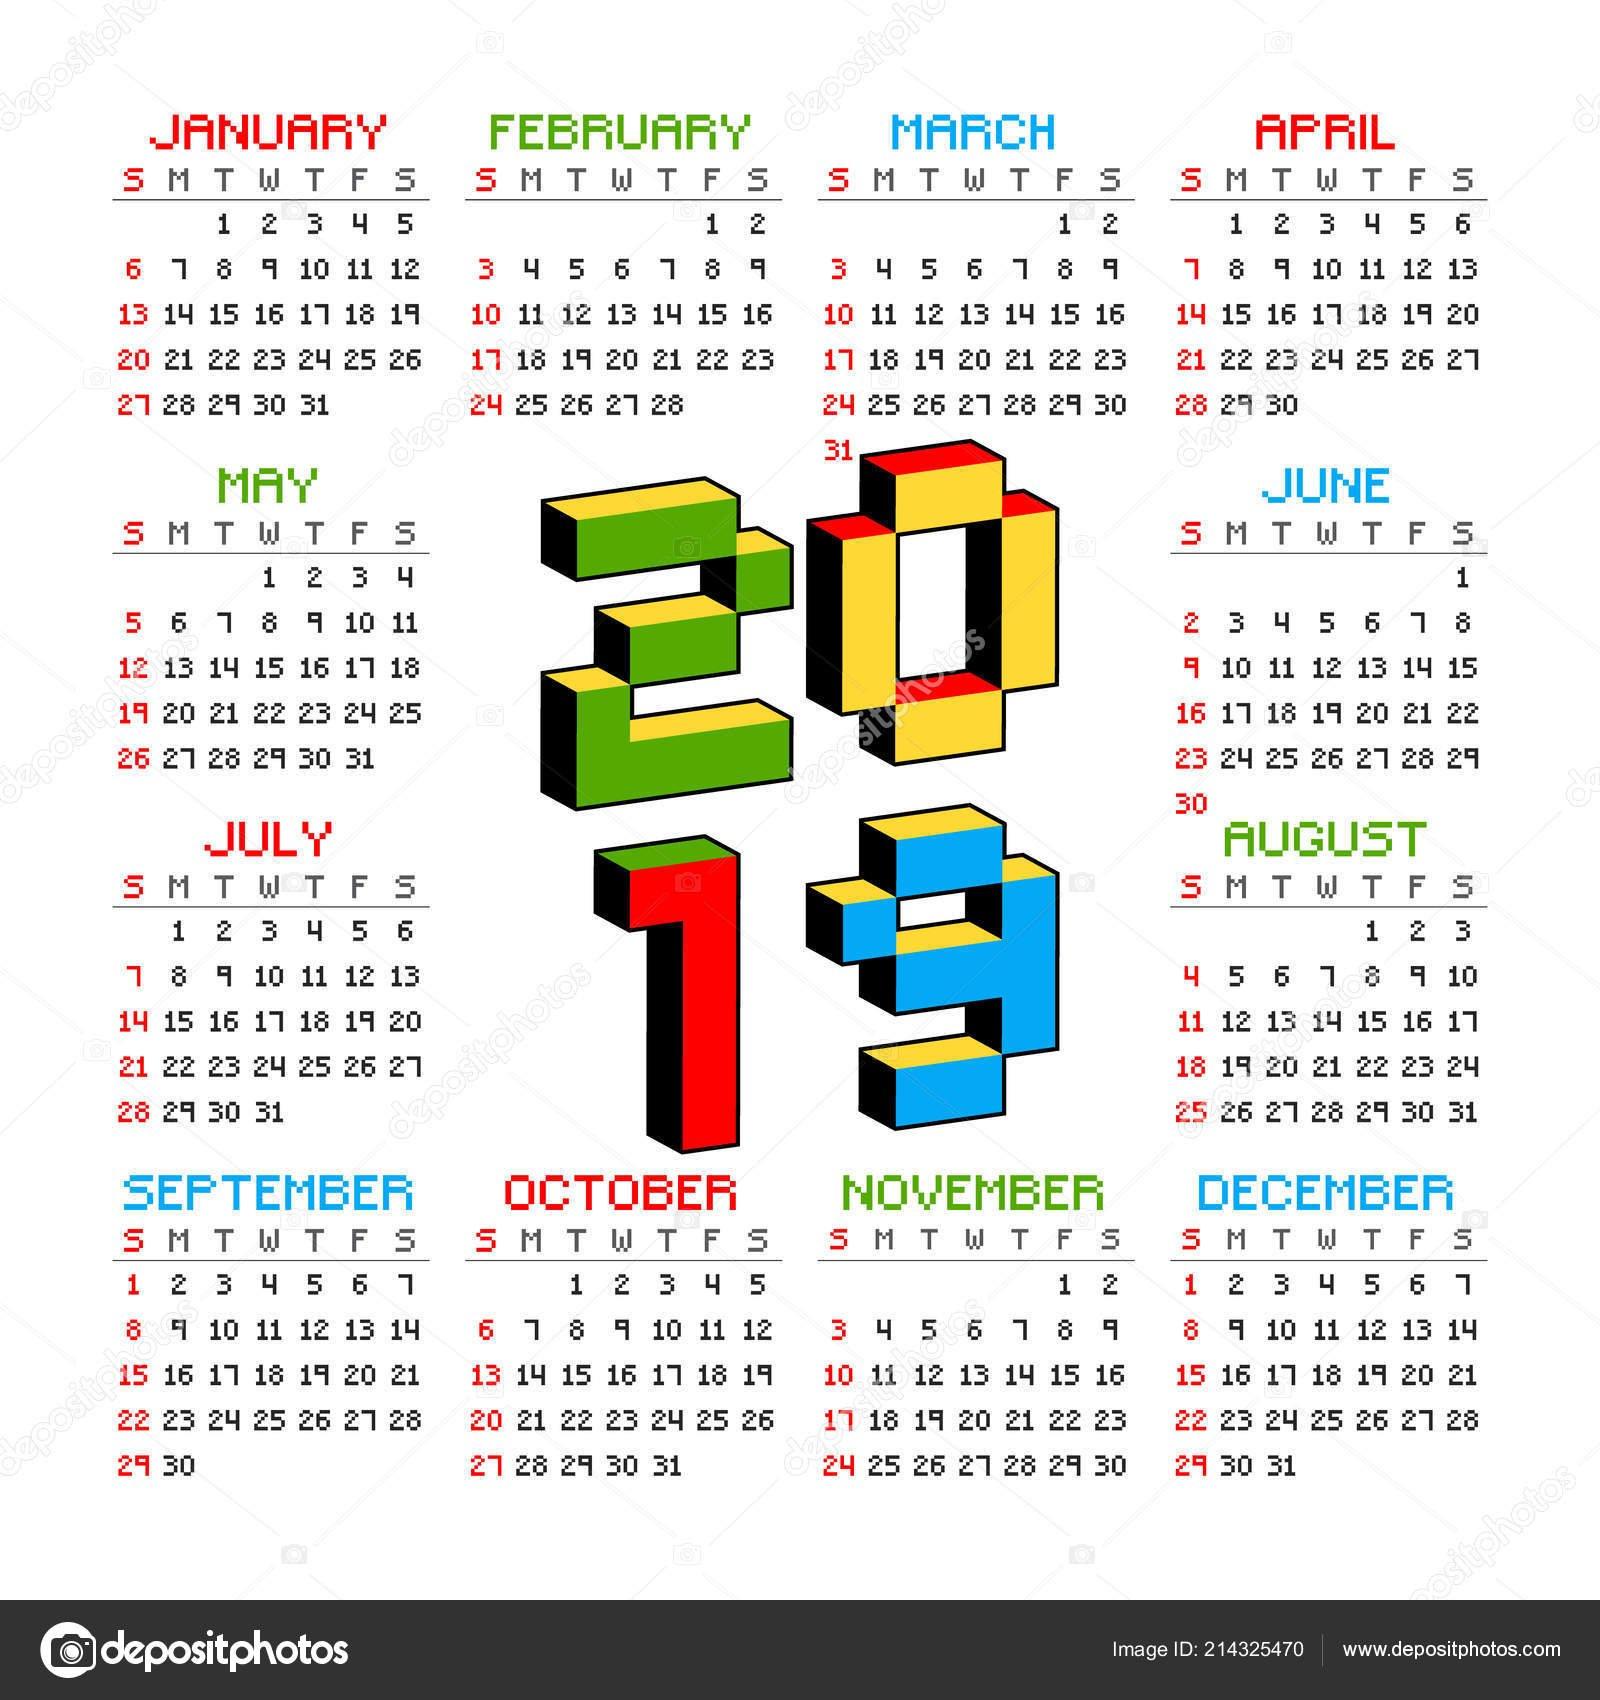 2019 Календарь На Белом Фоне В Стиле Старых 8-Битных Видео Игр Calendar 2019 Video